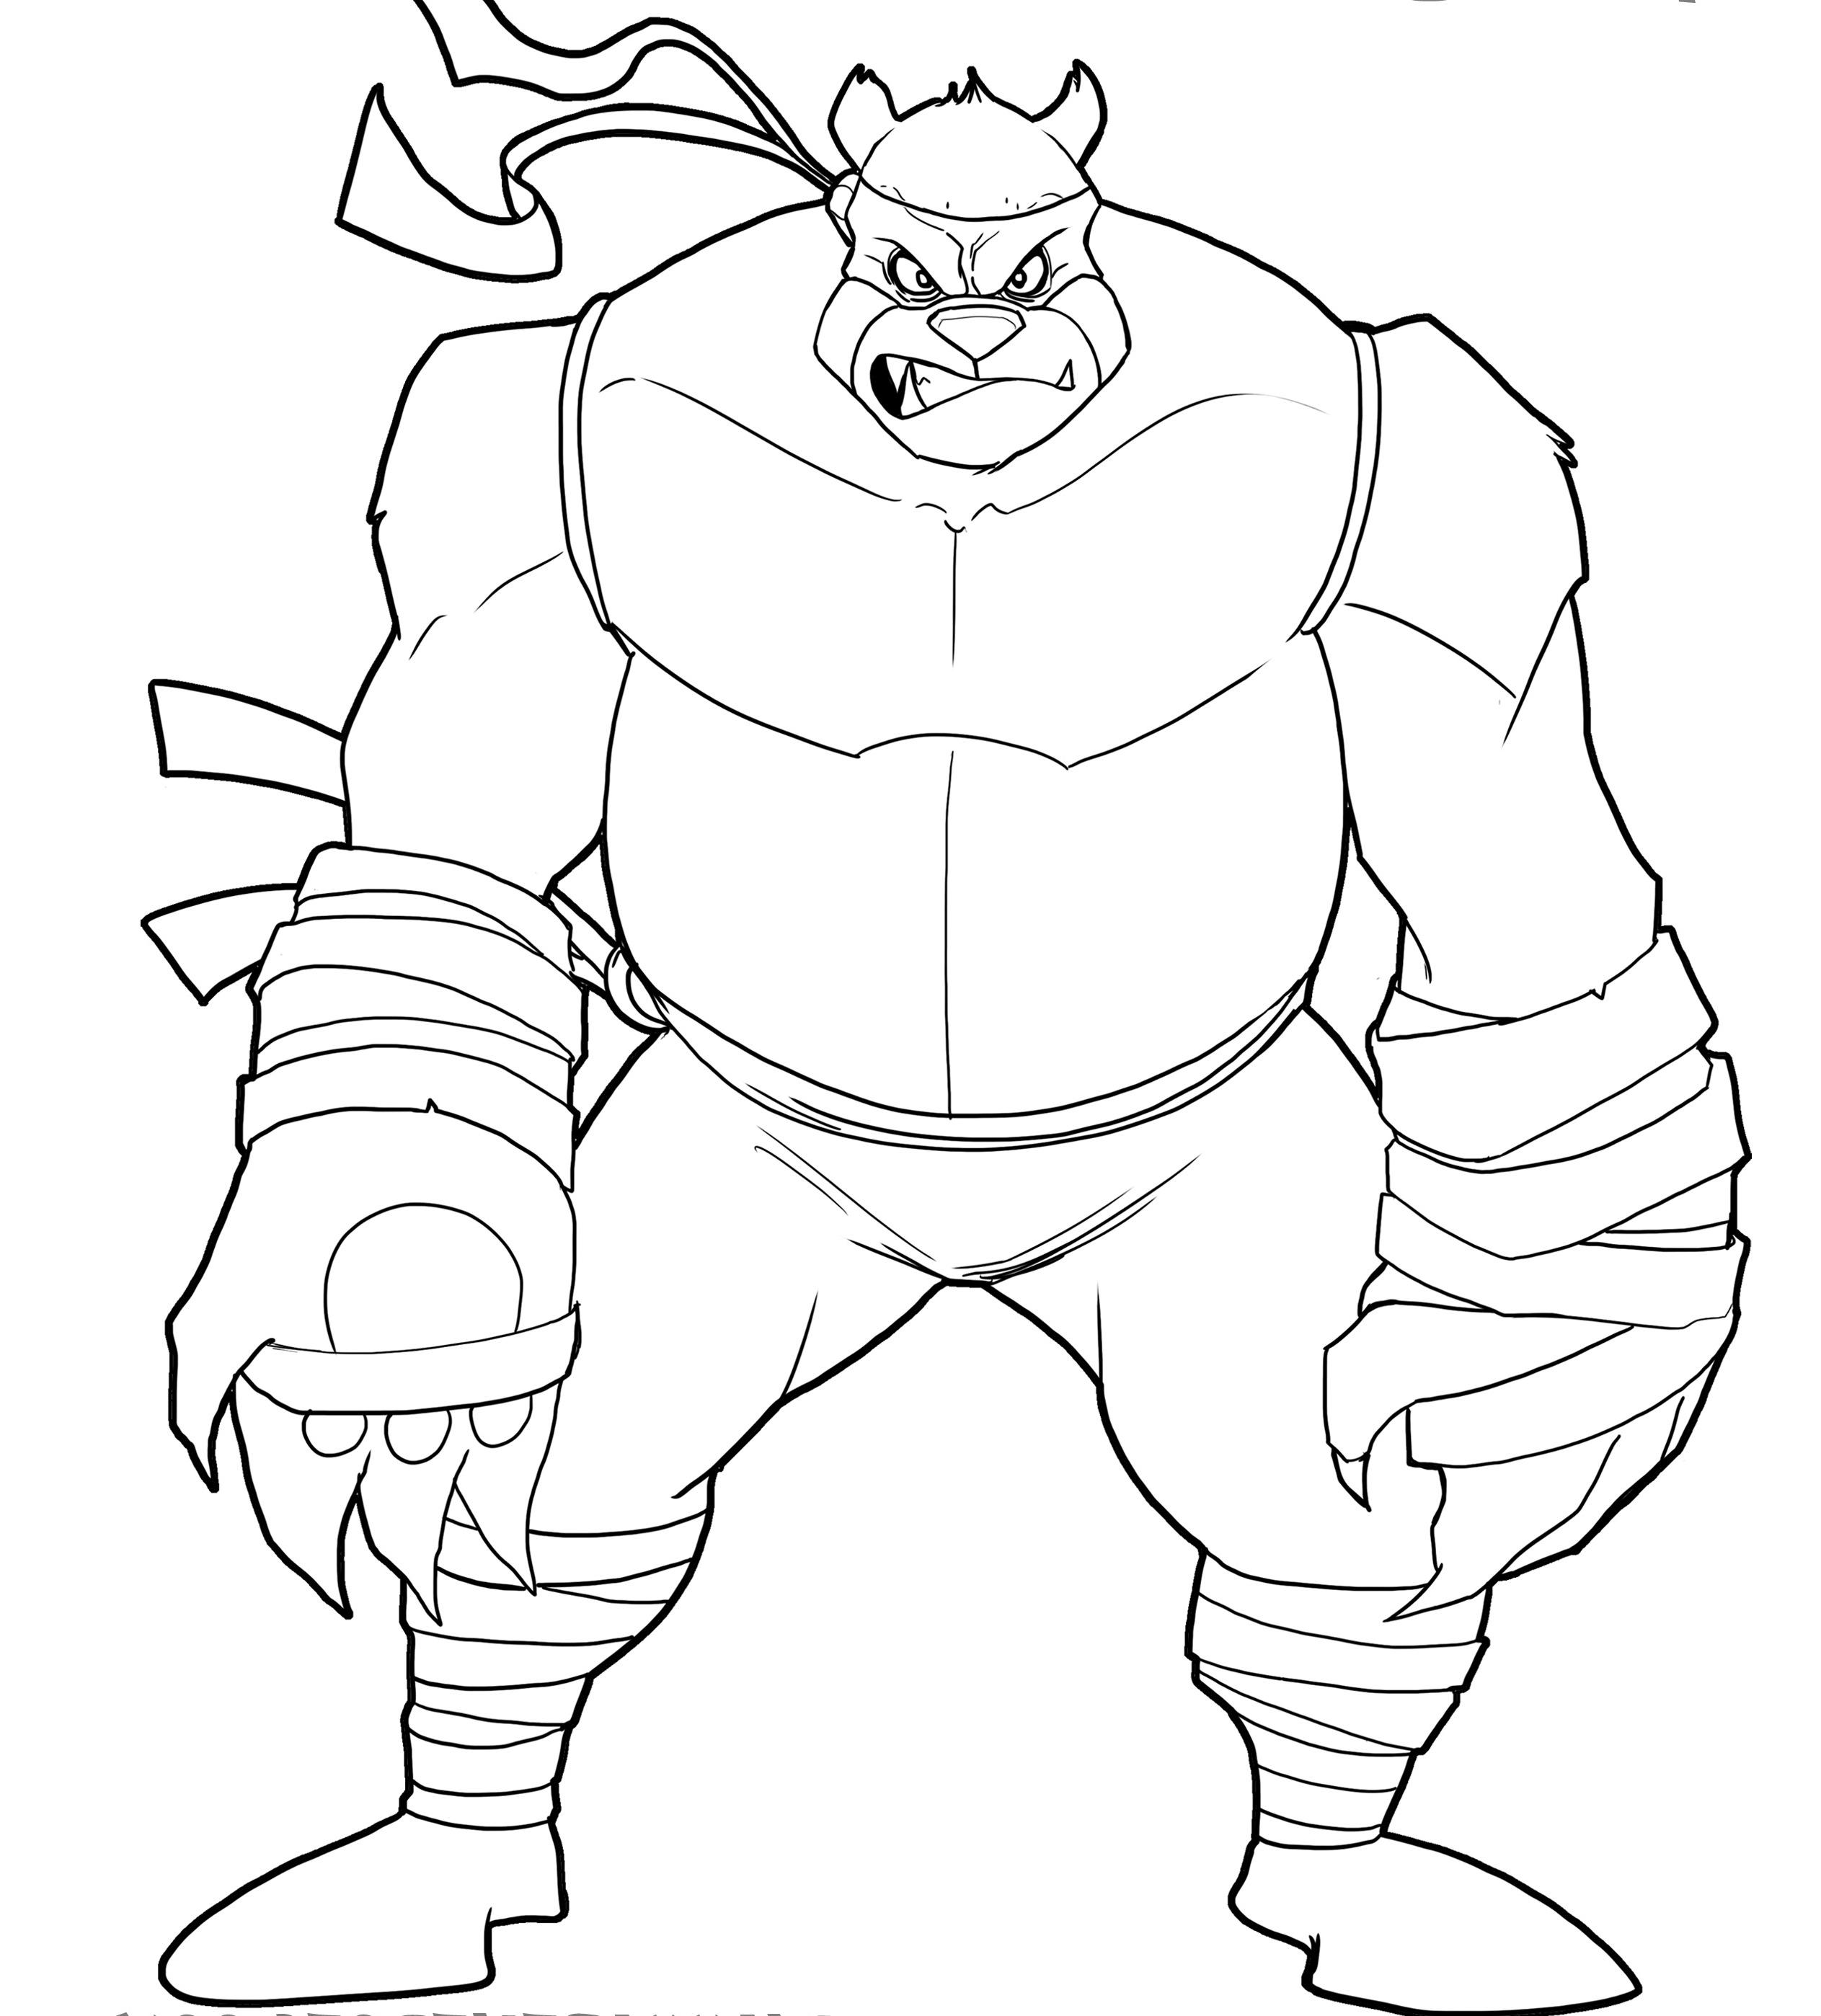 Ninja Turtle Raphael Drawing At Getdrawings